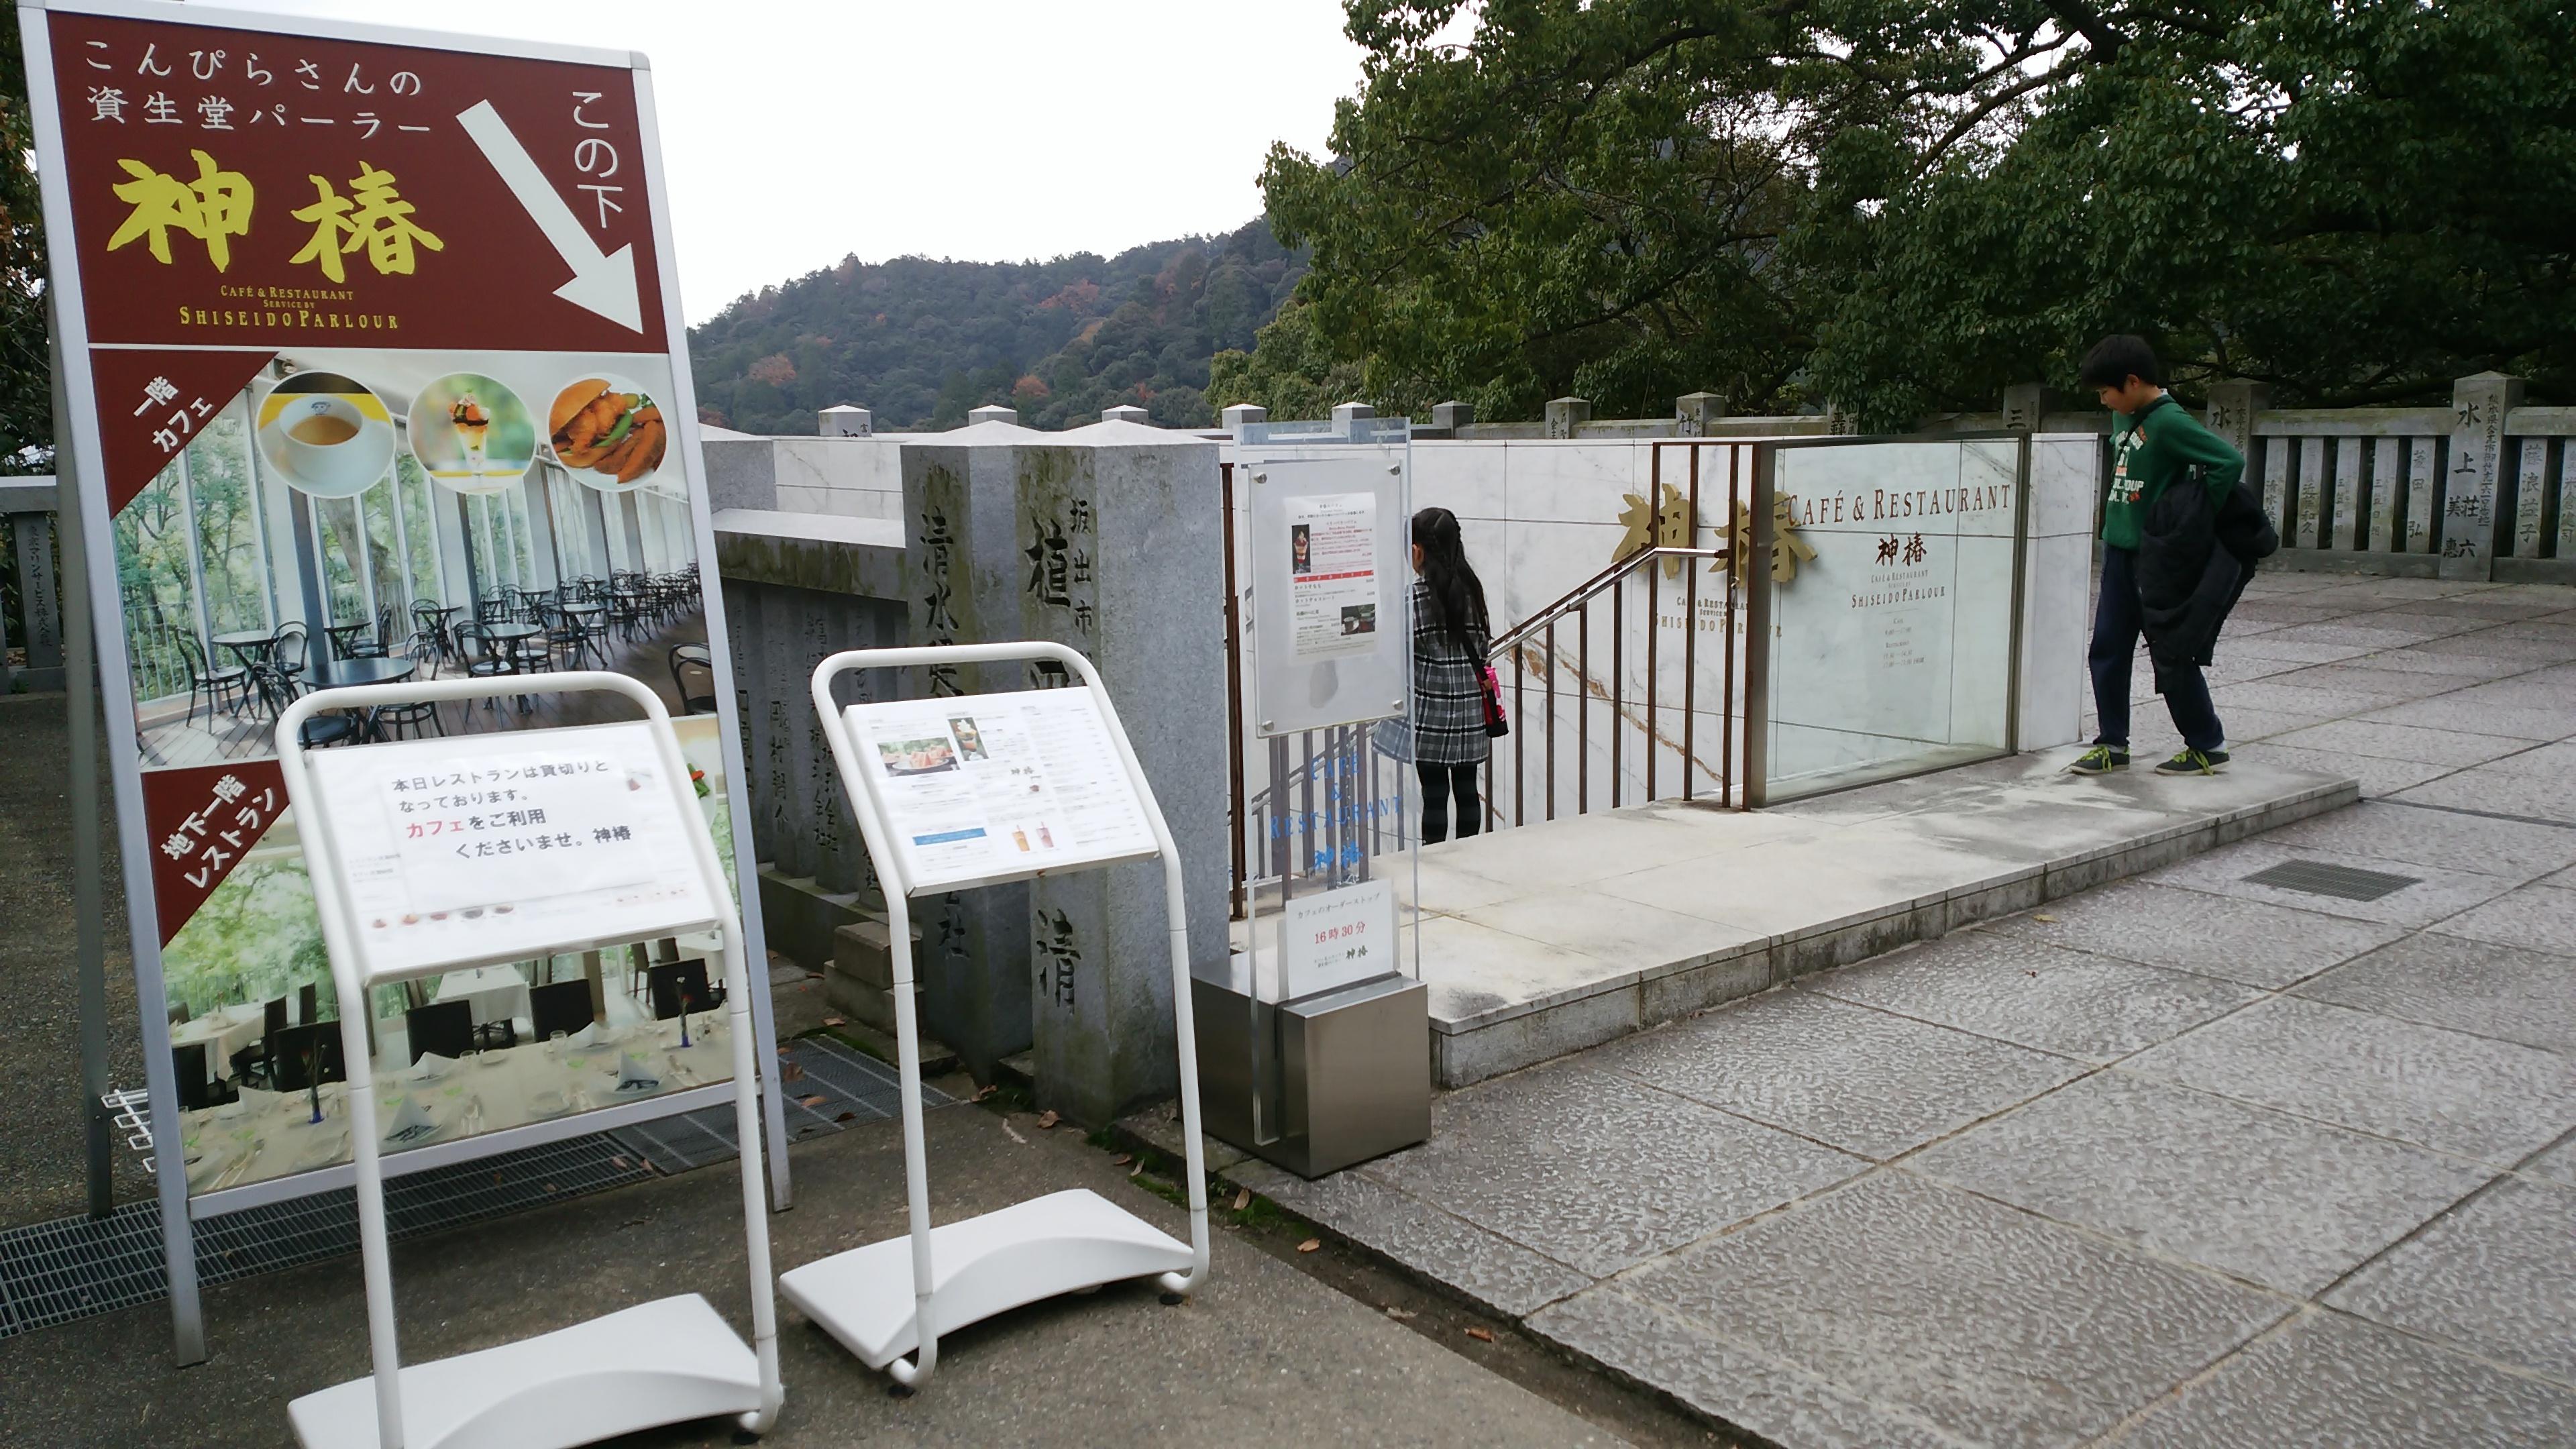 琴平町の金比羅宮500段目「神椿」で美味しいパフェを